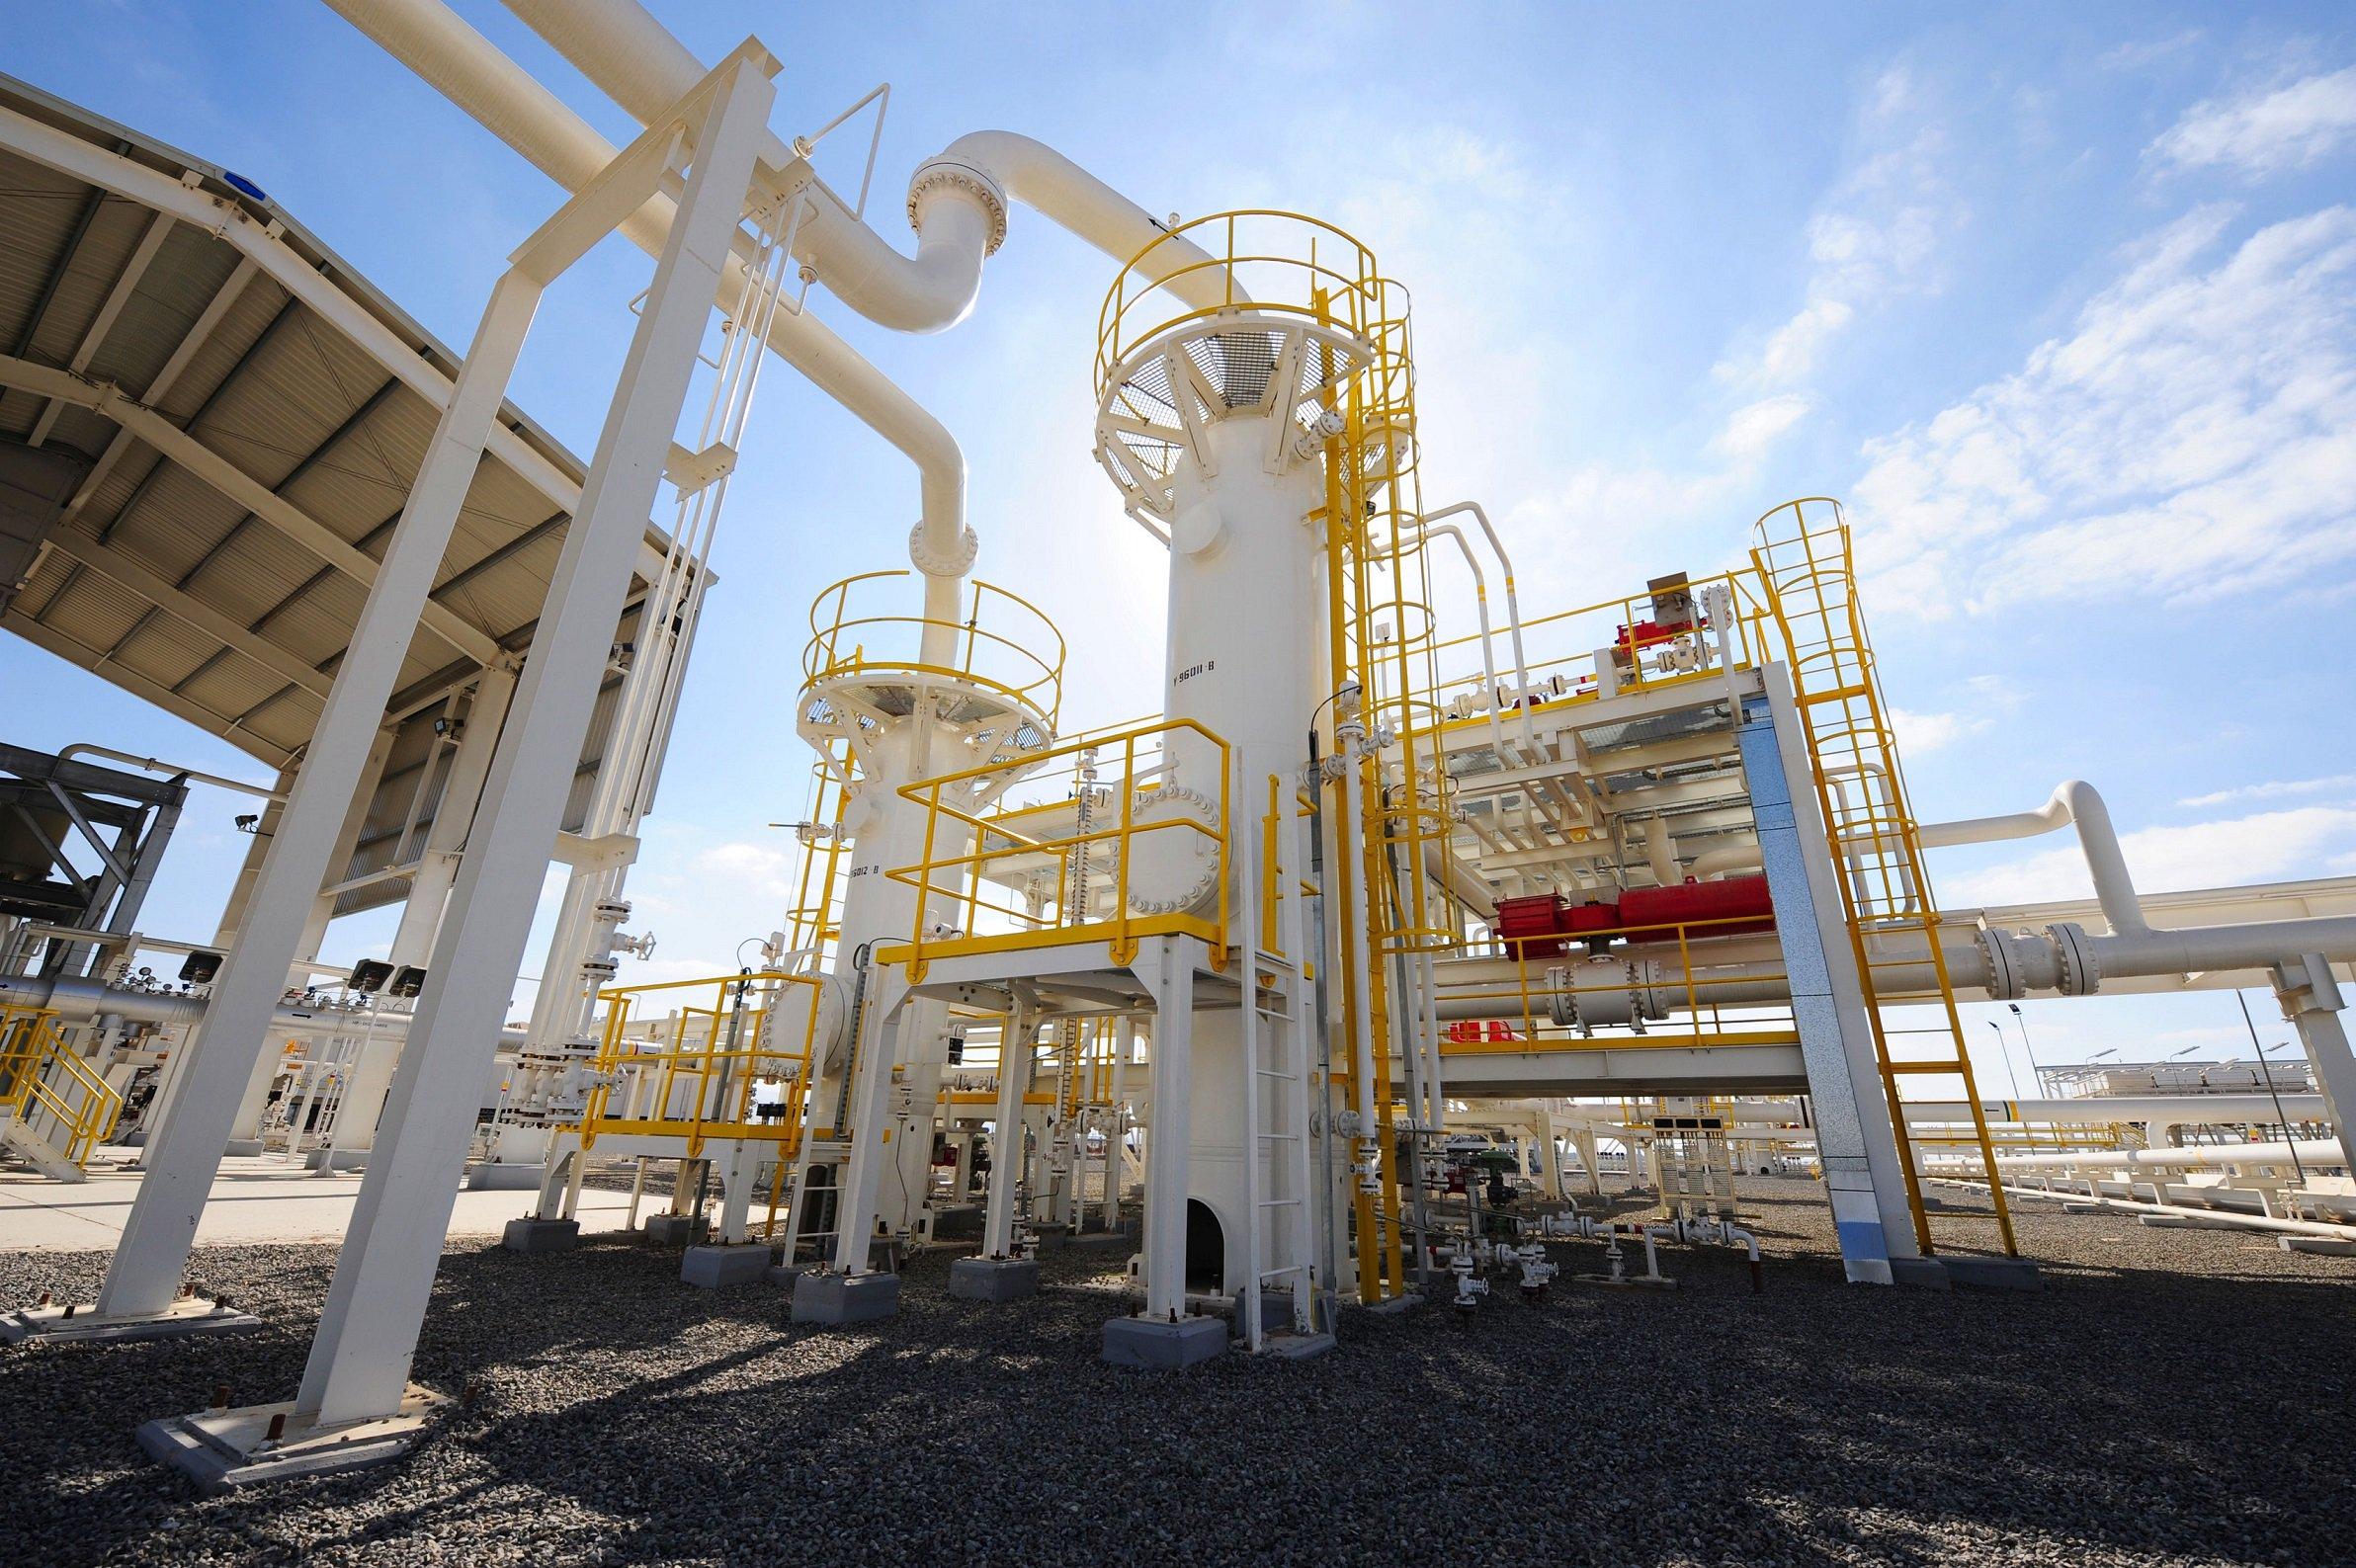 الغاز العمانية توقع اتفاق قرض مع بنوك محلية وأجنبية